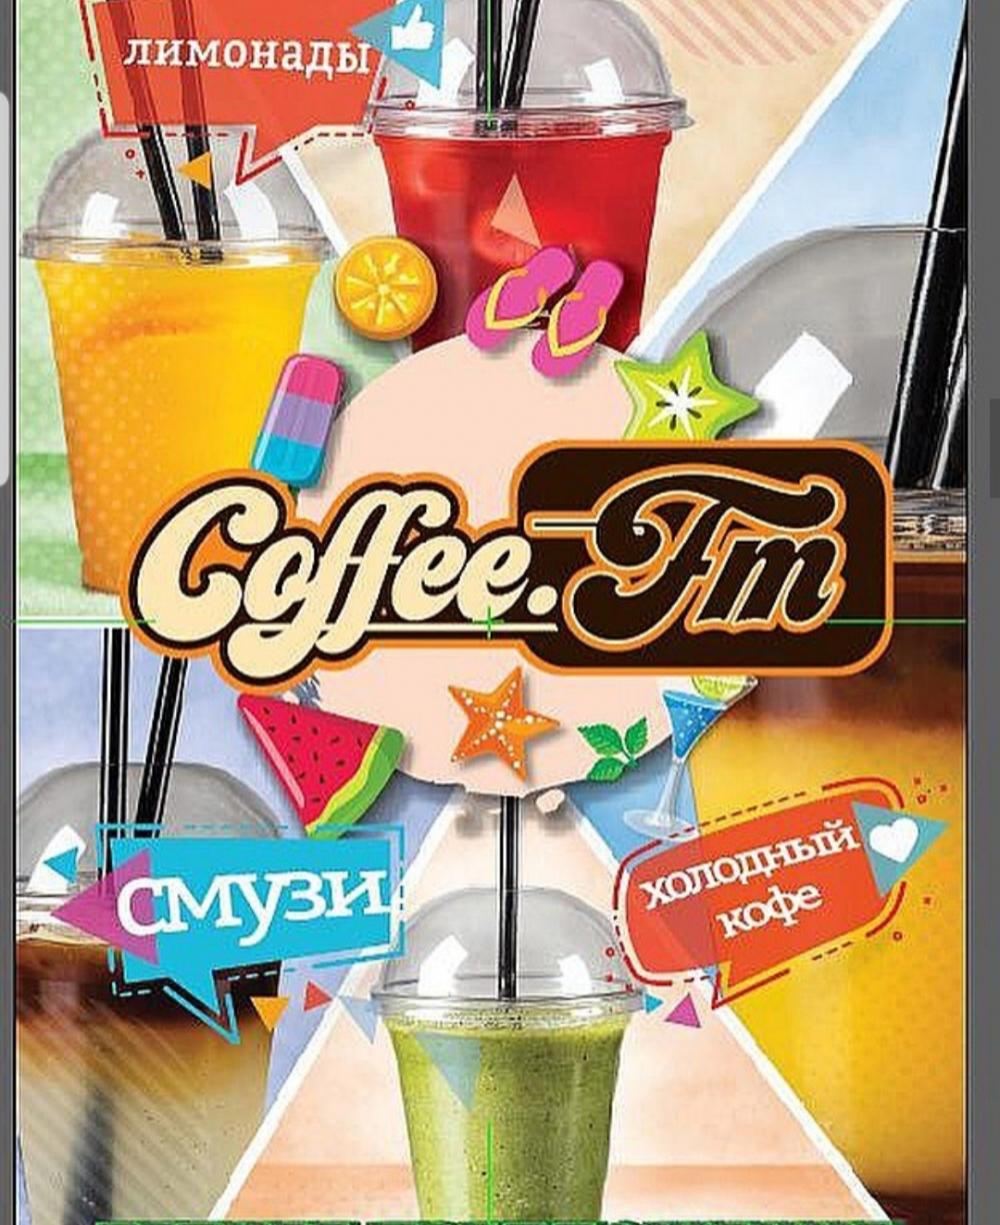 Город: Москва<br/>Заведение: Кофейня<br/>ставка: 230 руб/ч